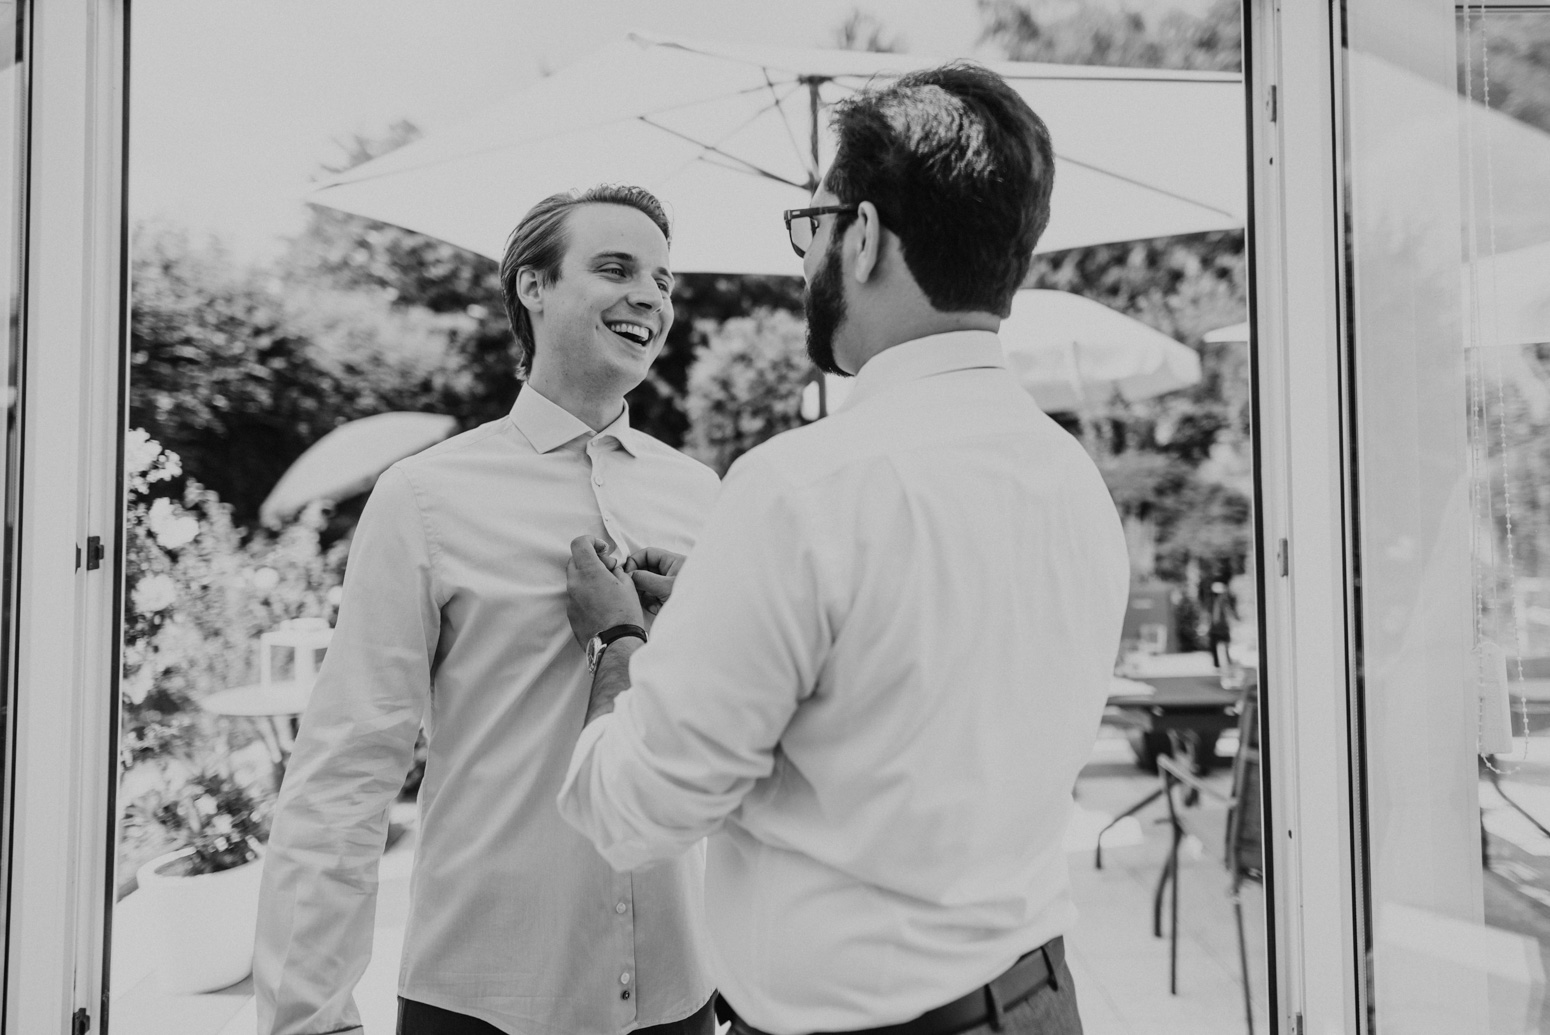 Der Trauzeuge hilft dem Bräutigam beim getting Ready. Hochzeitsfotografin Daria Becker von Genuine Bonds aus Bonn